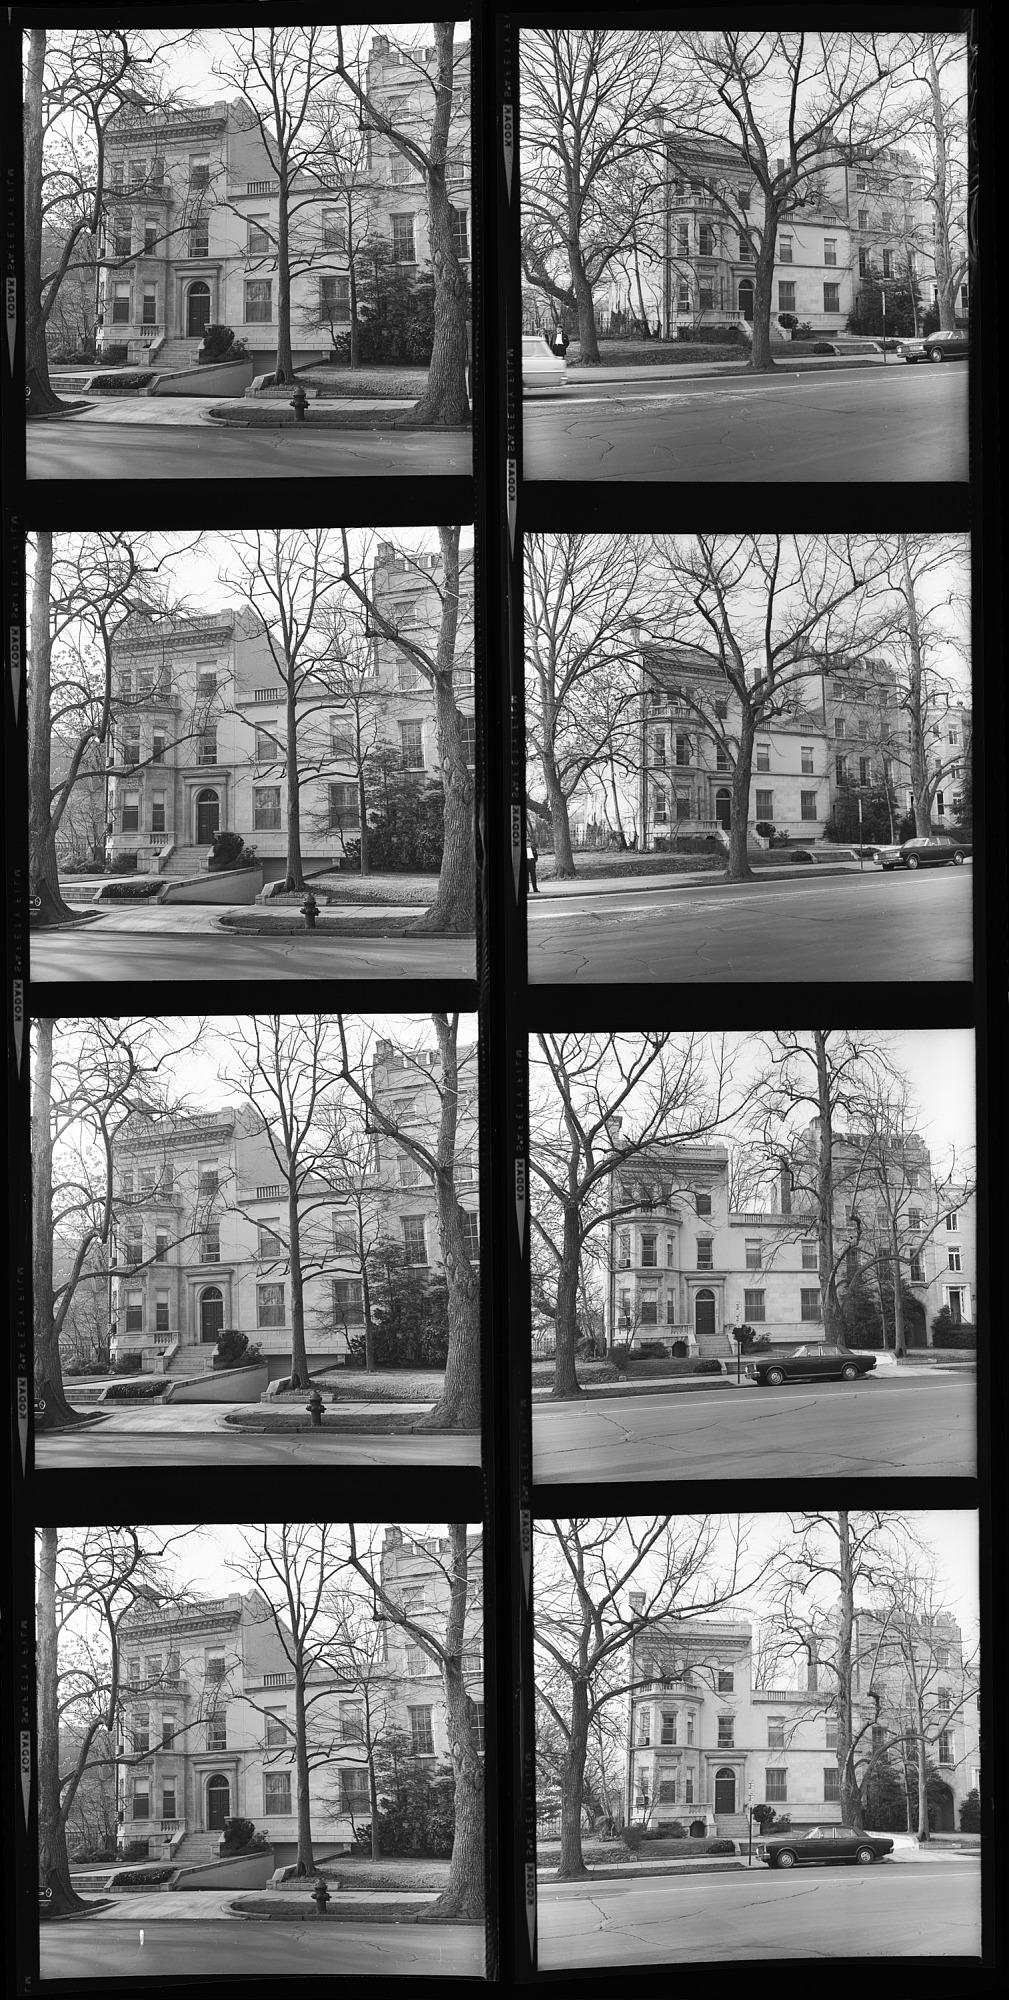 Residence of Secretary S. Dillon Ripley